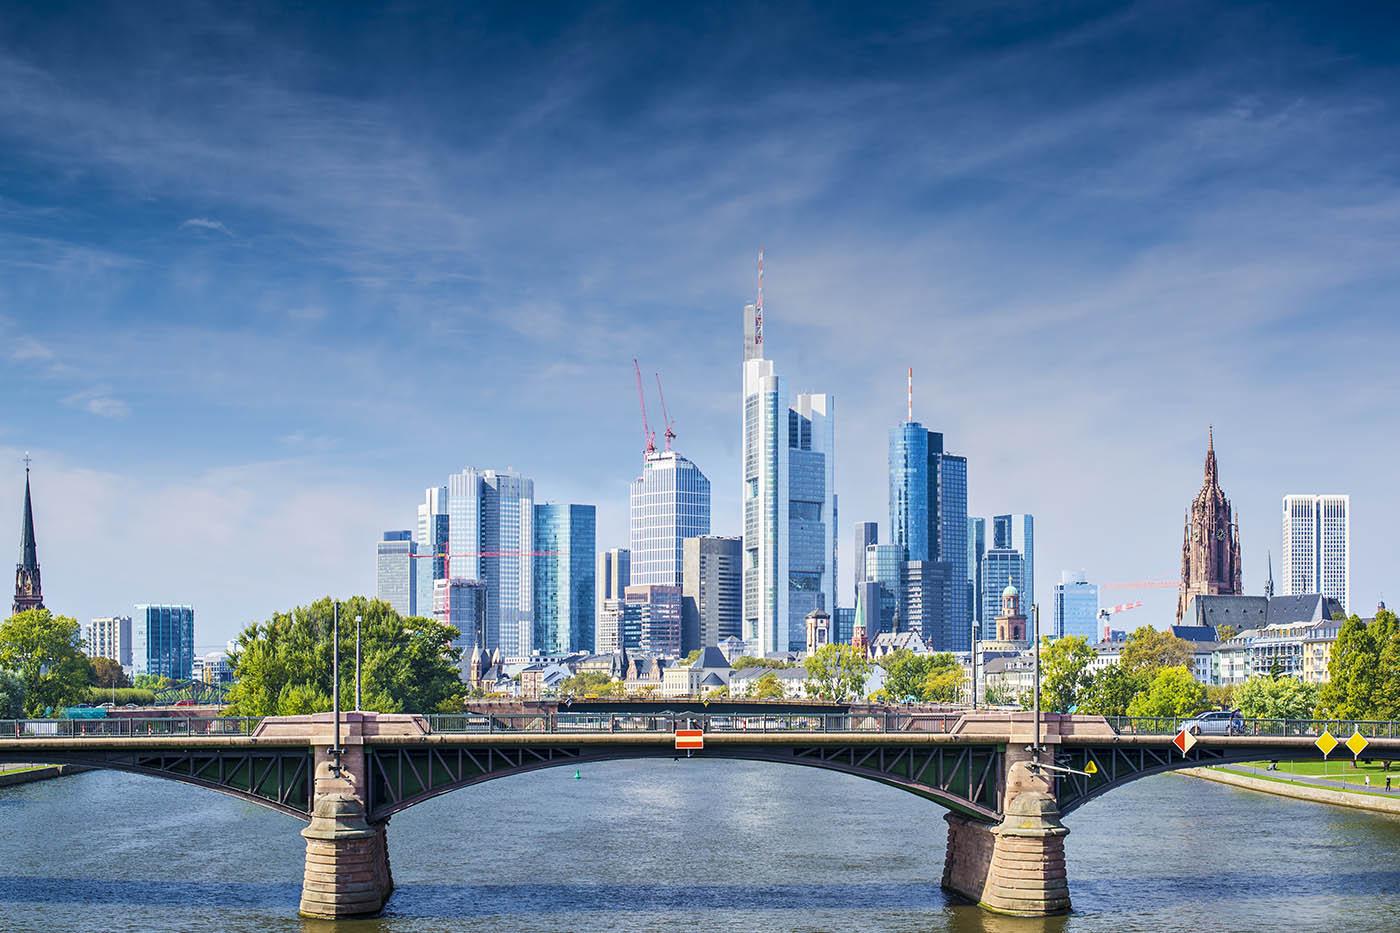 Dolmetschdienste in<br>Frankfurt am Main